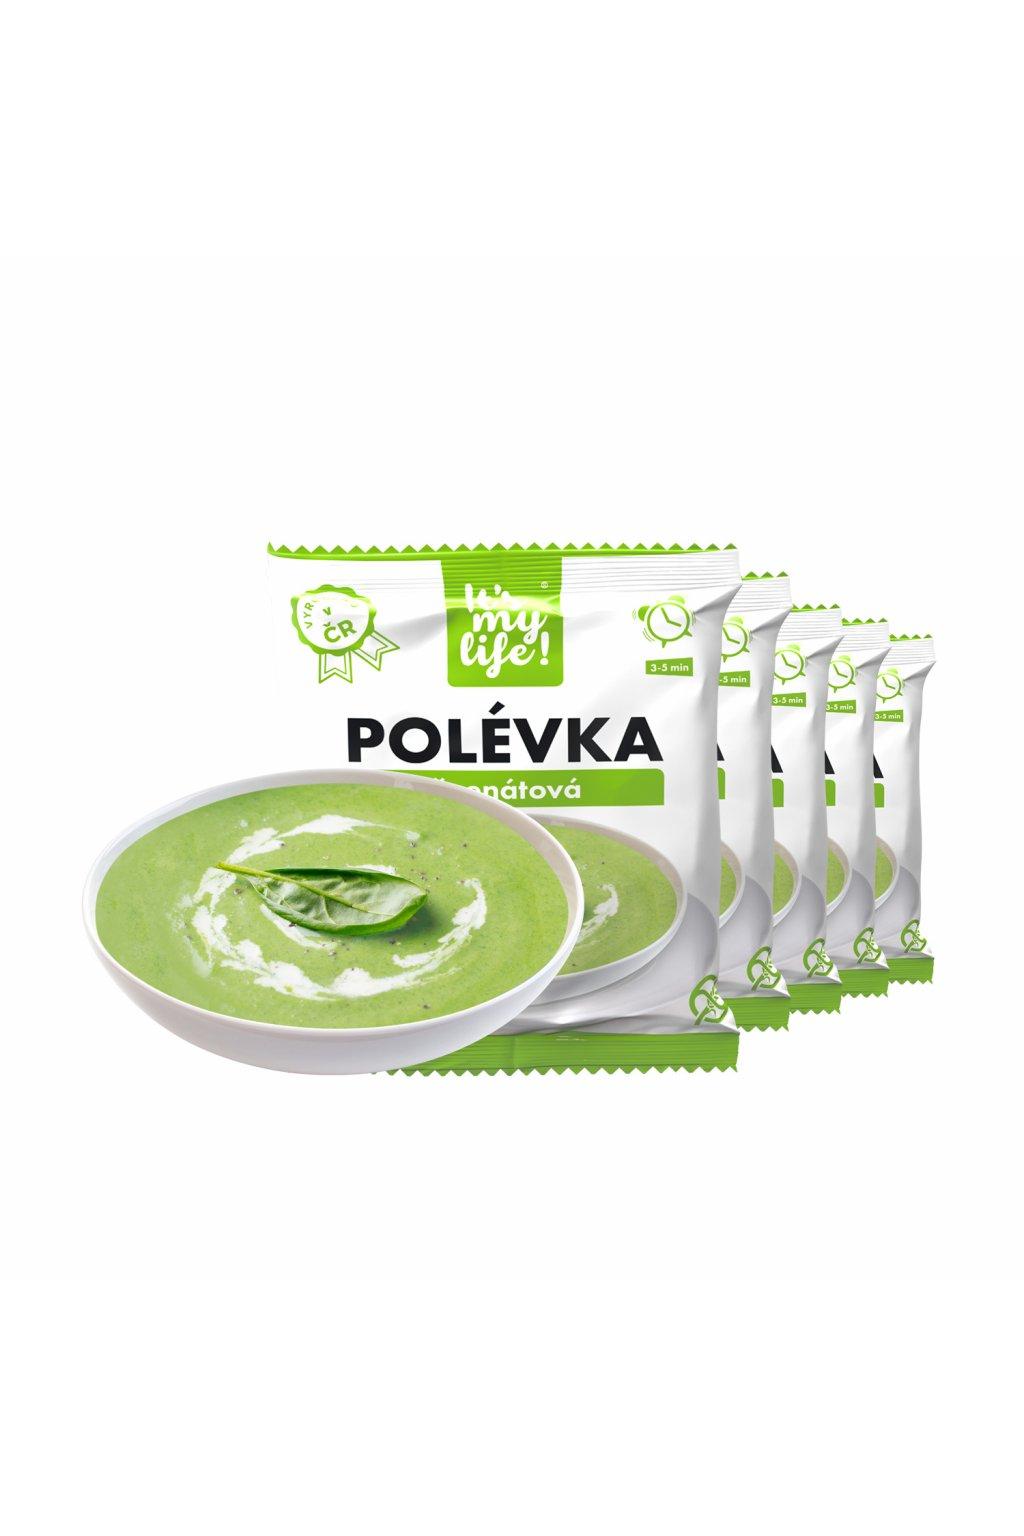 It's my life! Proteinová polévka špenátová 200g (5 porcí)